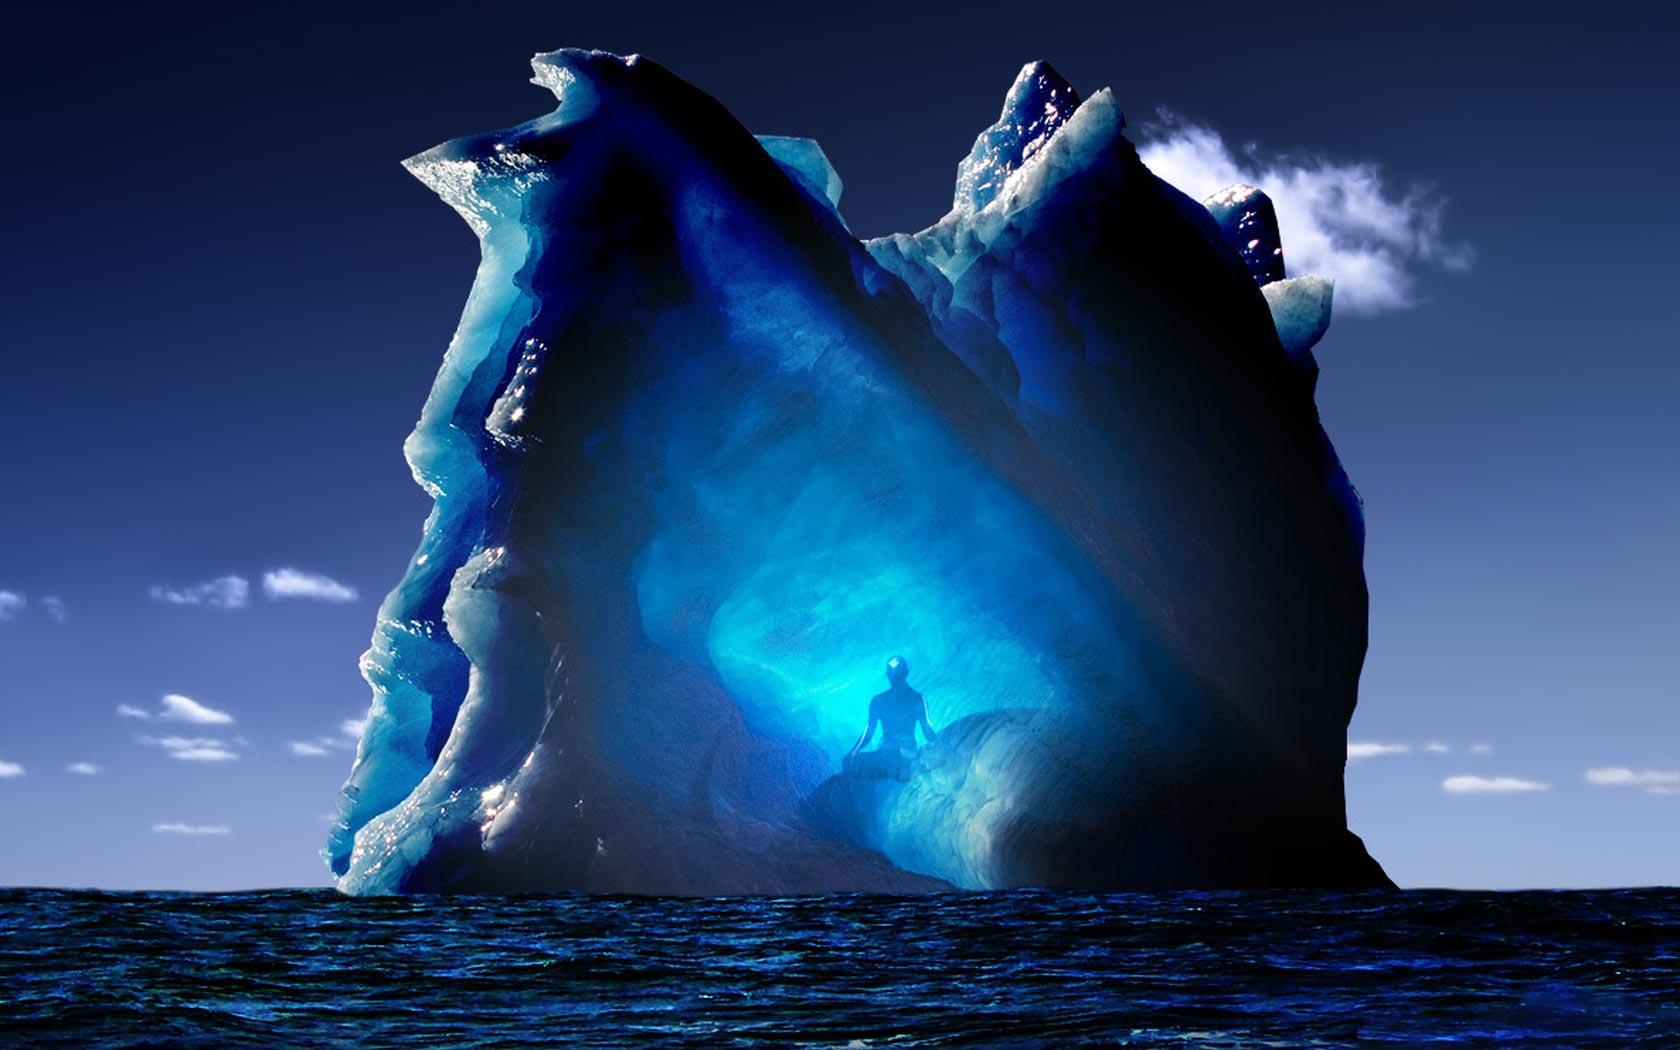 fantastic hd iceberg image